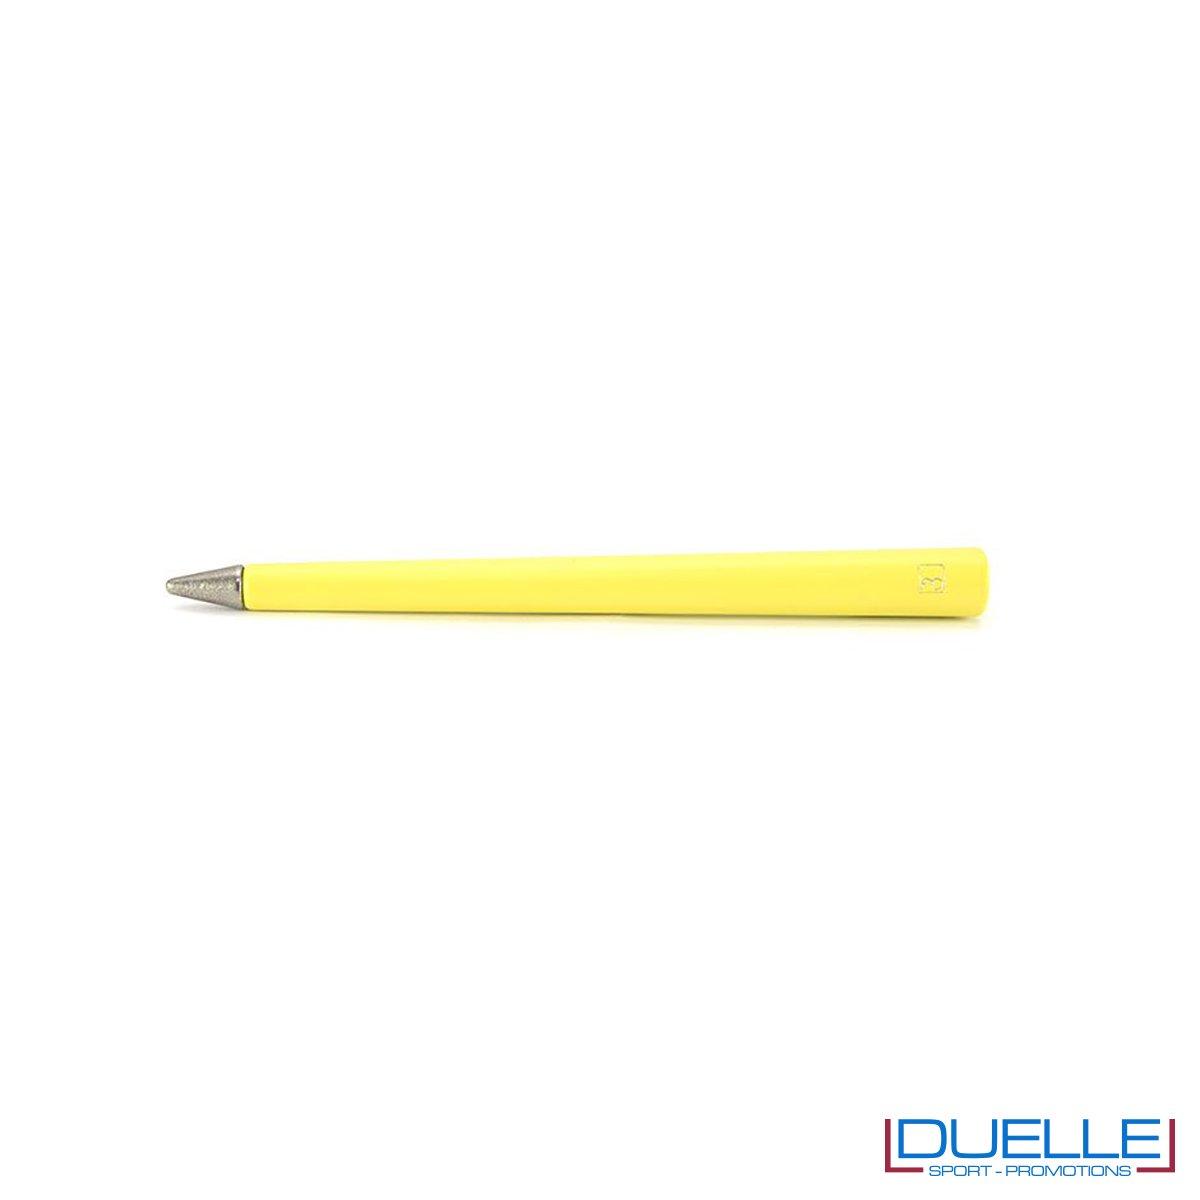 matita infinita personalizzata primina in colore giallo, regali aziendali personalizzabili gialli